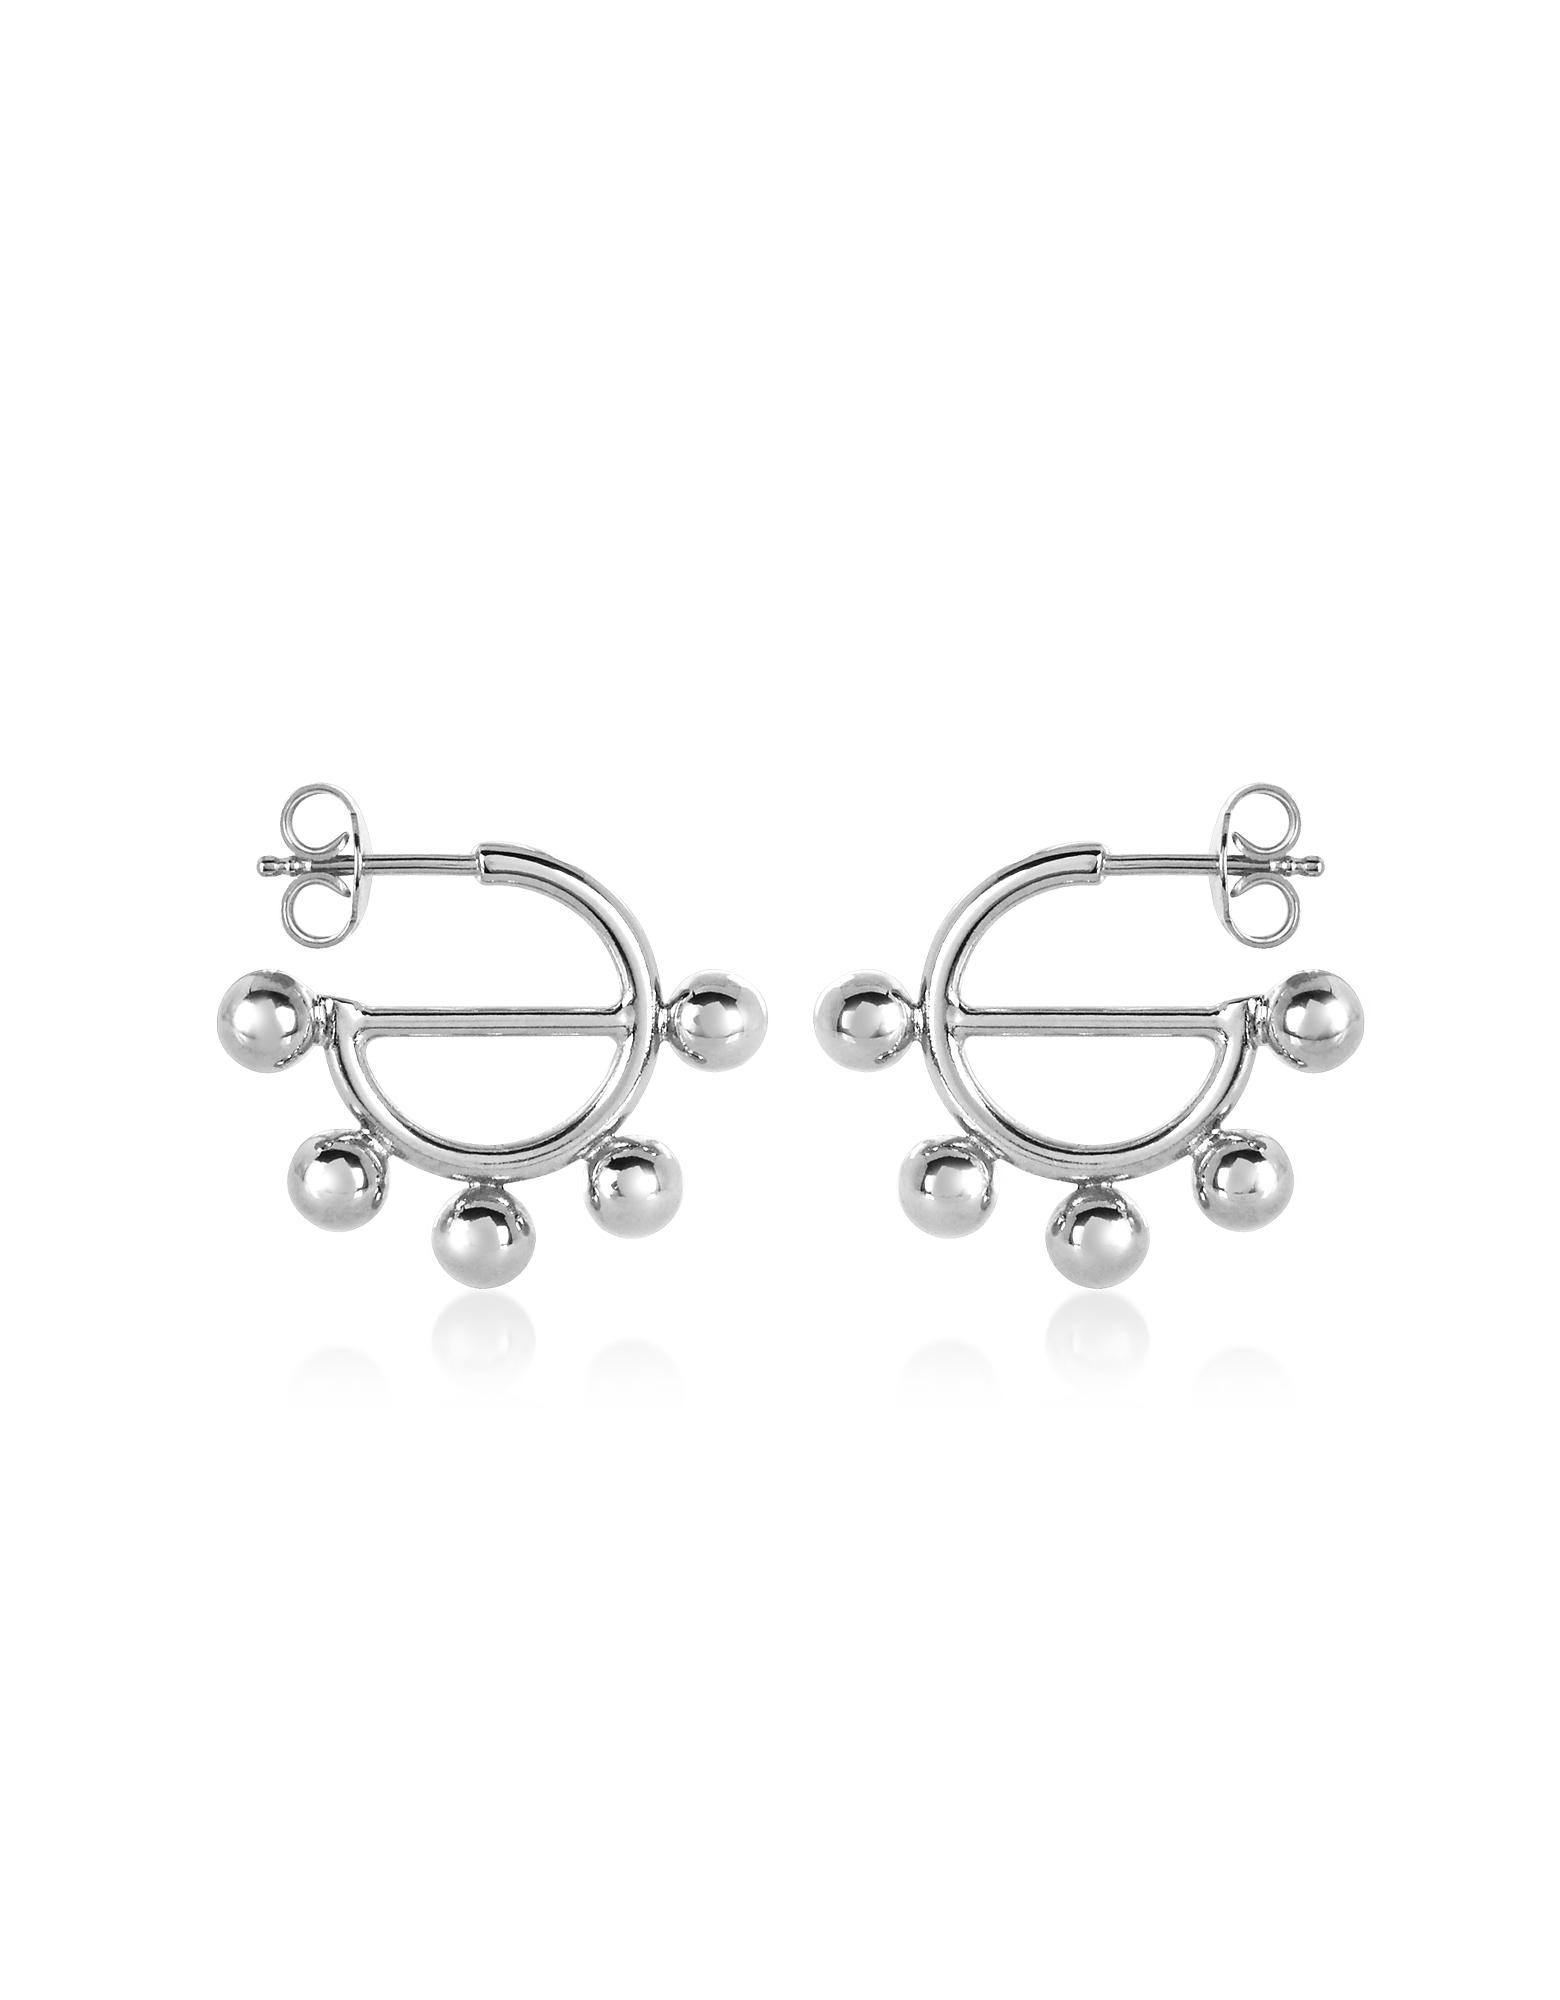 JW Anderson Designer Earrings, Disc Mini Hoop Earrings